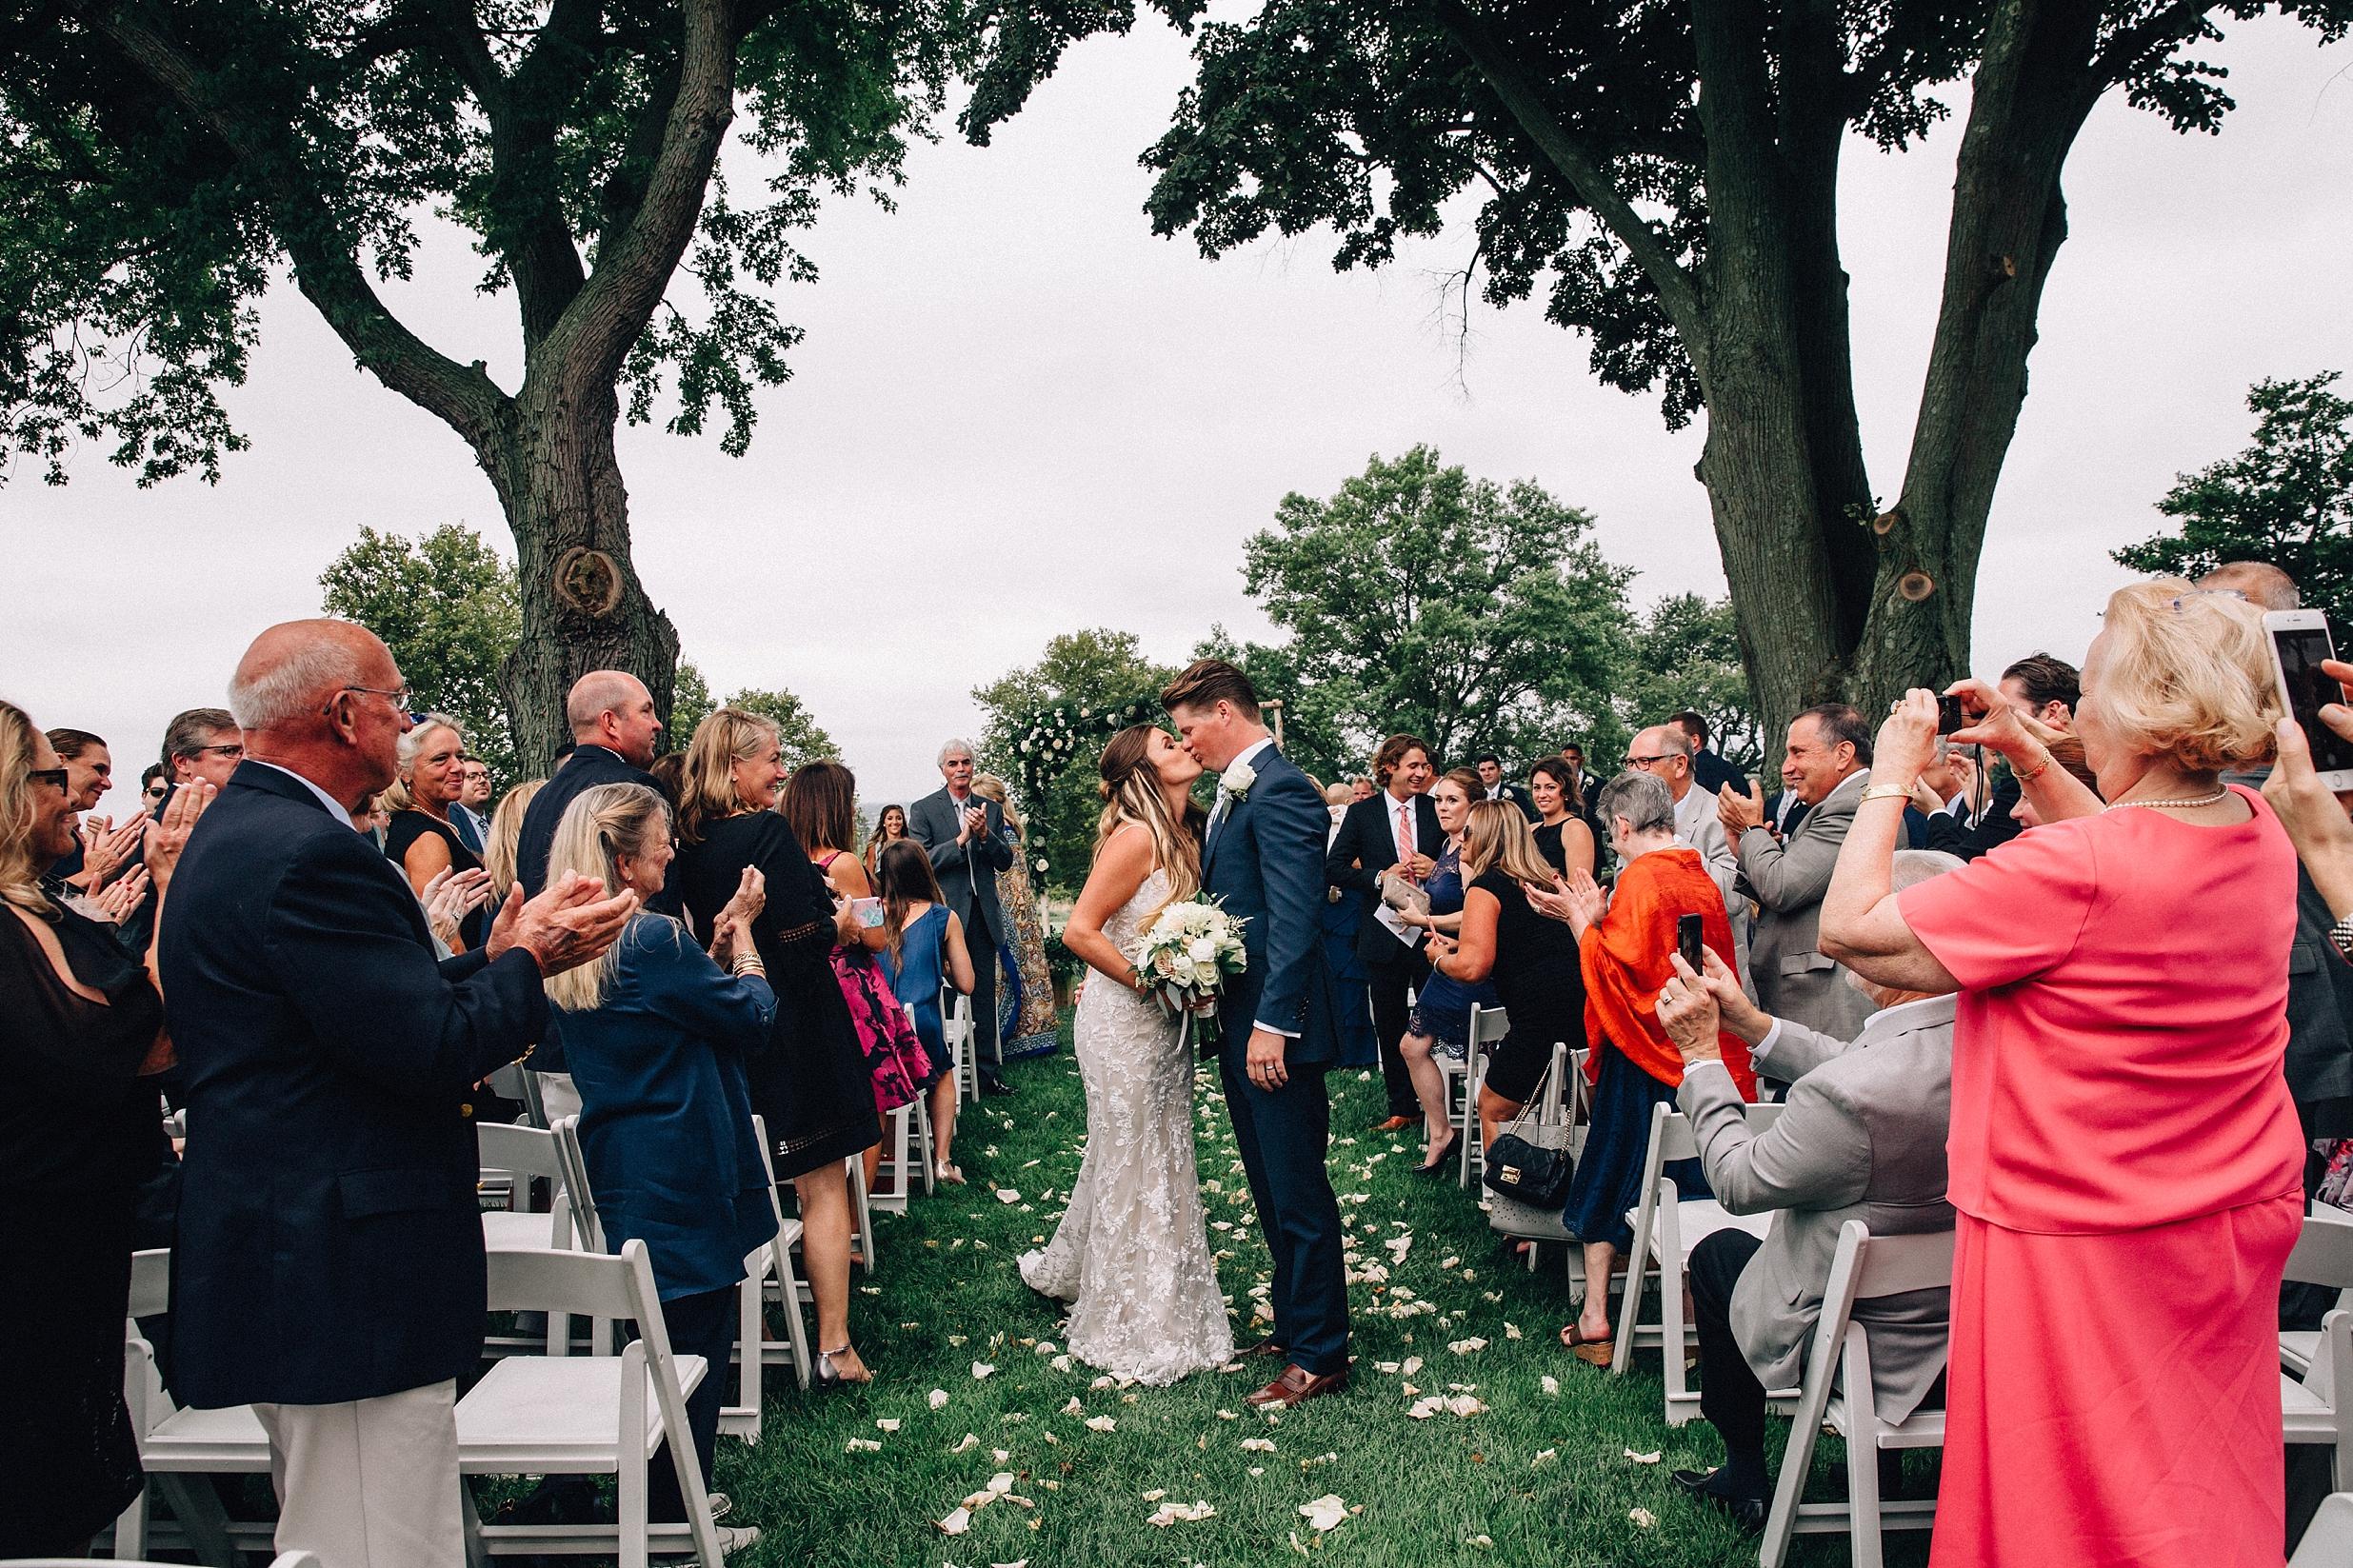 jersey-outdoor-ceremony-wedding-navasink-monmouth-rumson_0051.jpg